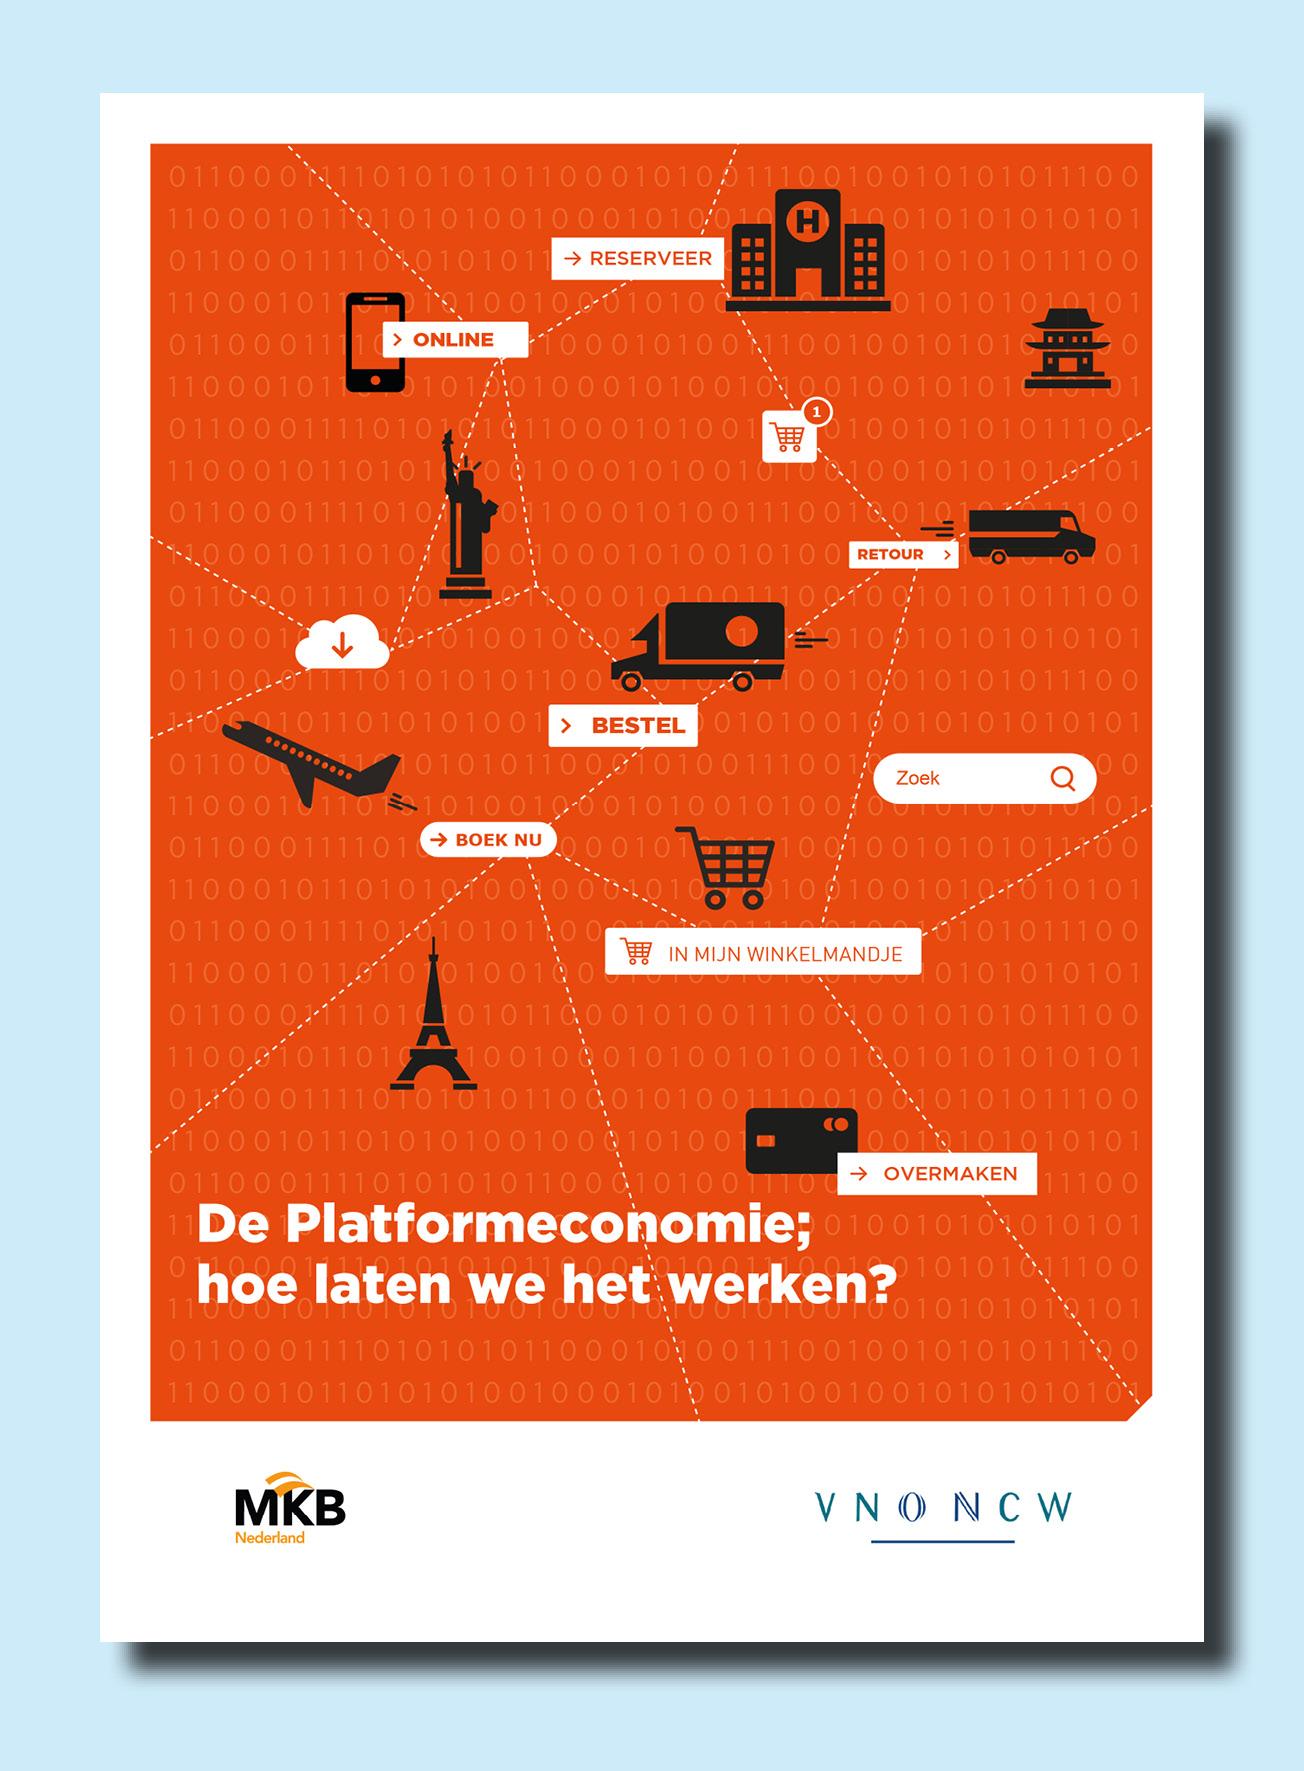 Platformeconomie brochure cover